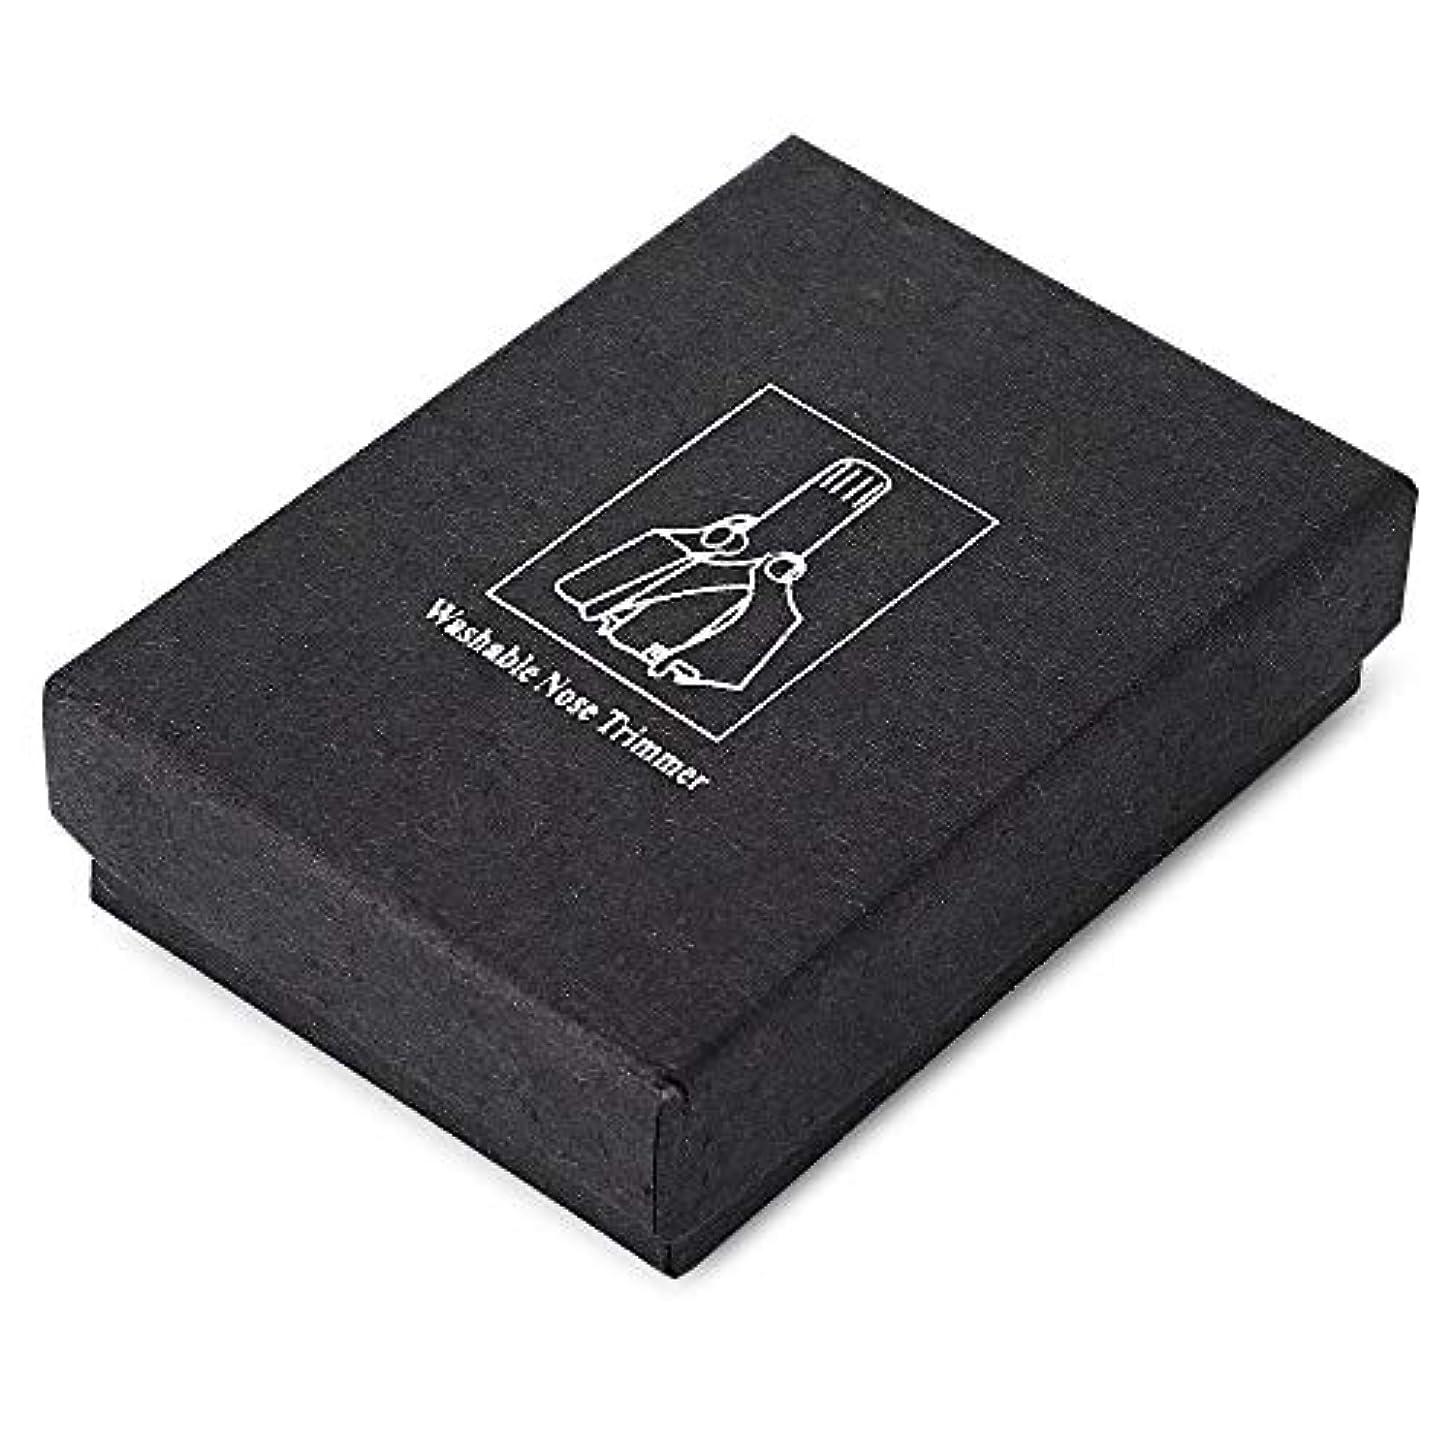 富豪イブ職人簡単な清掃マニュアル鼻&耳毛トリマー(ノー電池必須)、安全使用のために男性&女性 (Color : Red, Size : S)